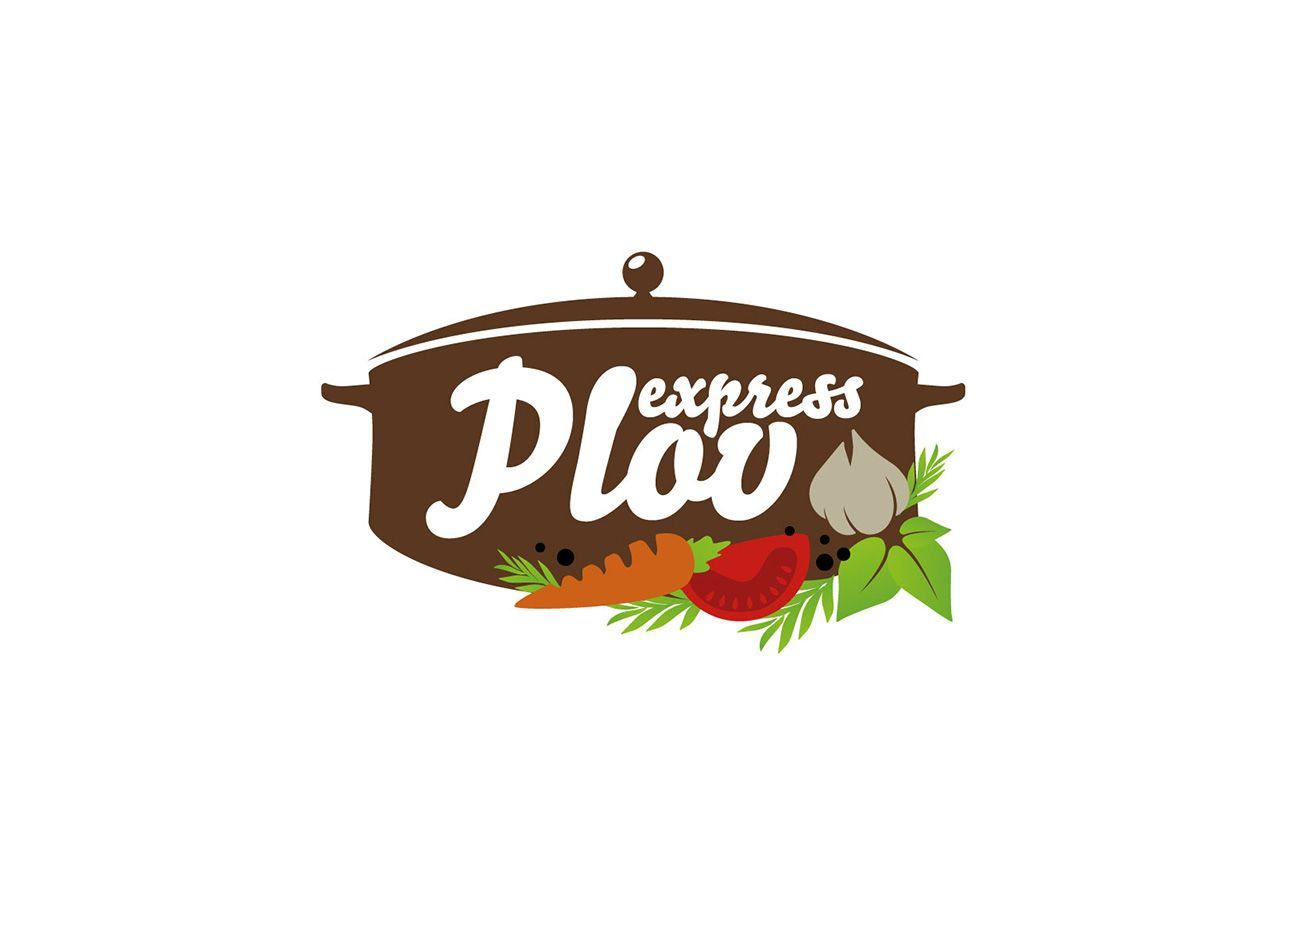 Лого и фирмстиль для сайта plov-express.ru - дизайнер Piona11